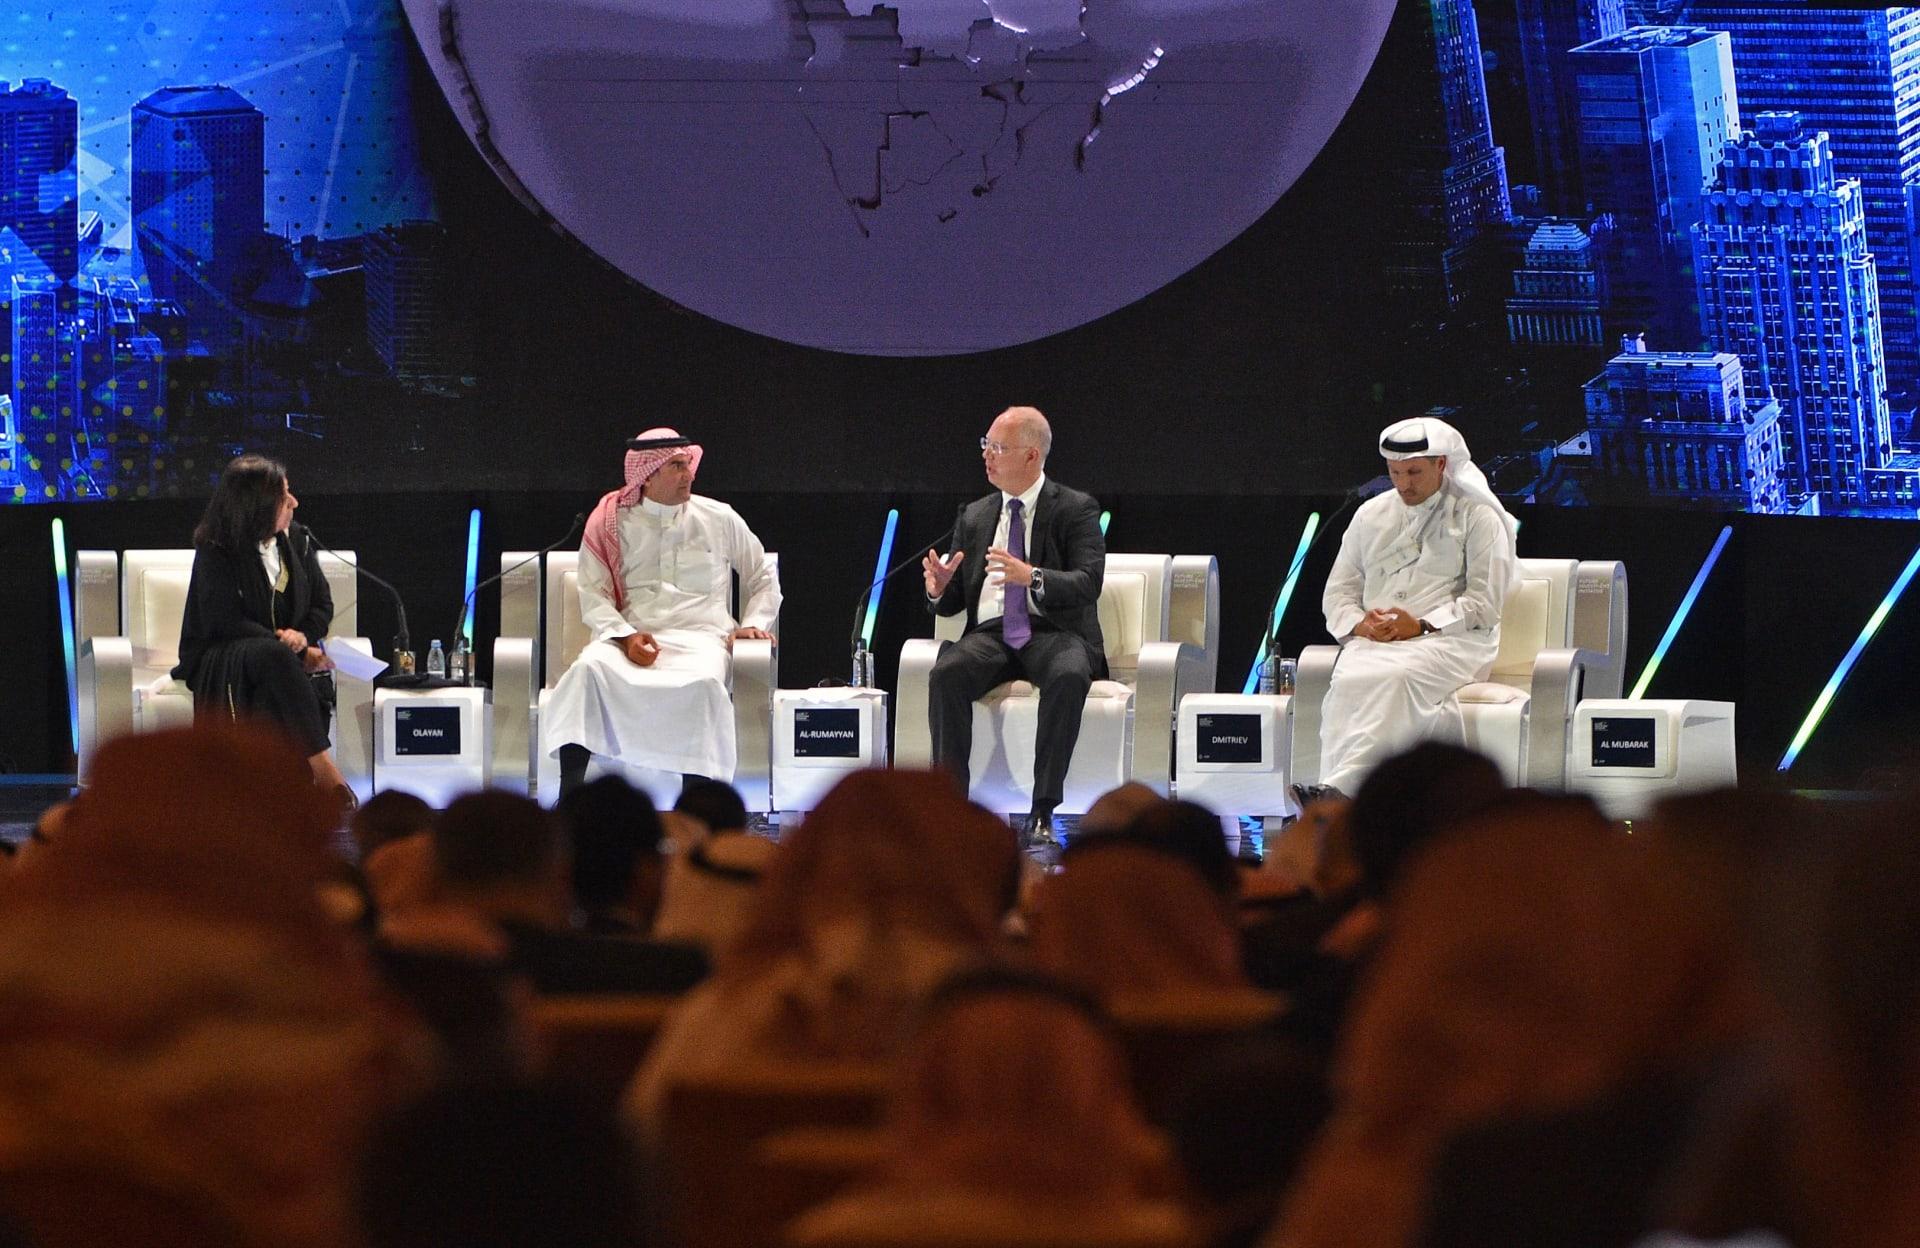 السعودية توقع اتفاقيات بمليارات الدولارات..ورئيس أرامكو لـCNN : شركاؤنا موجودون هنا